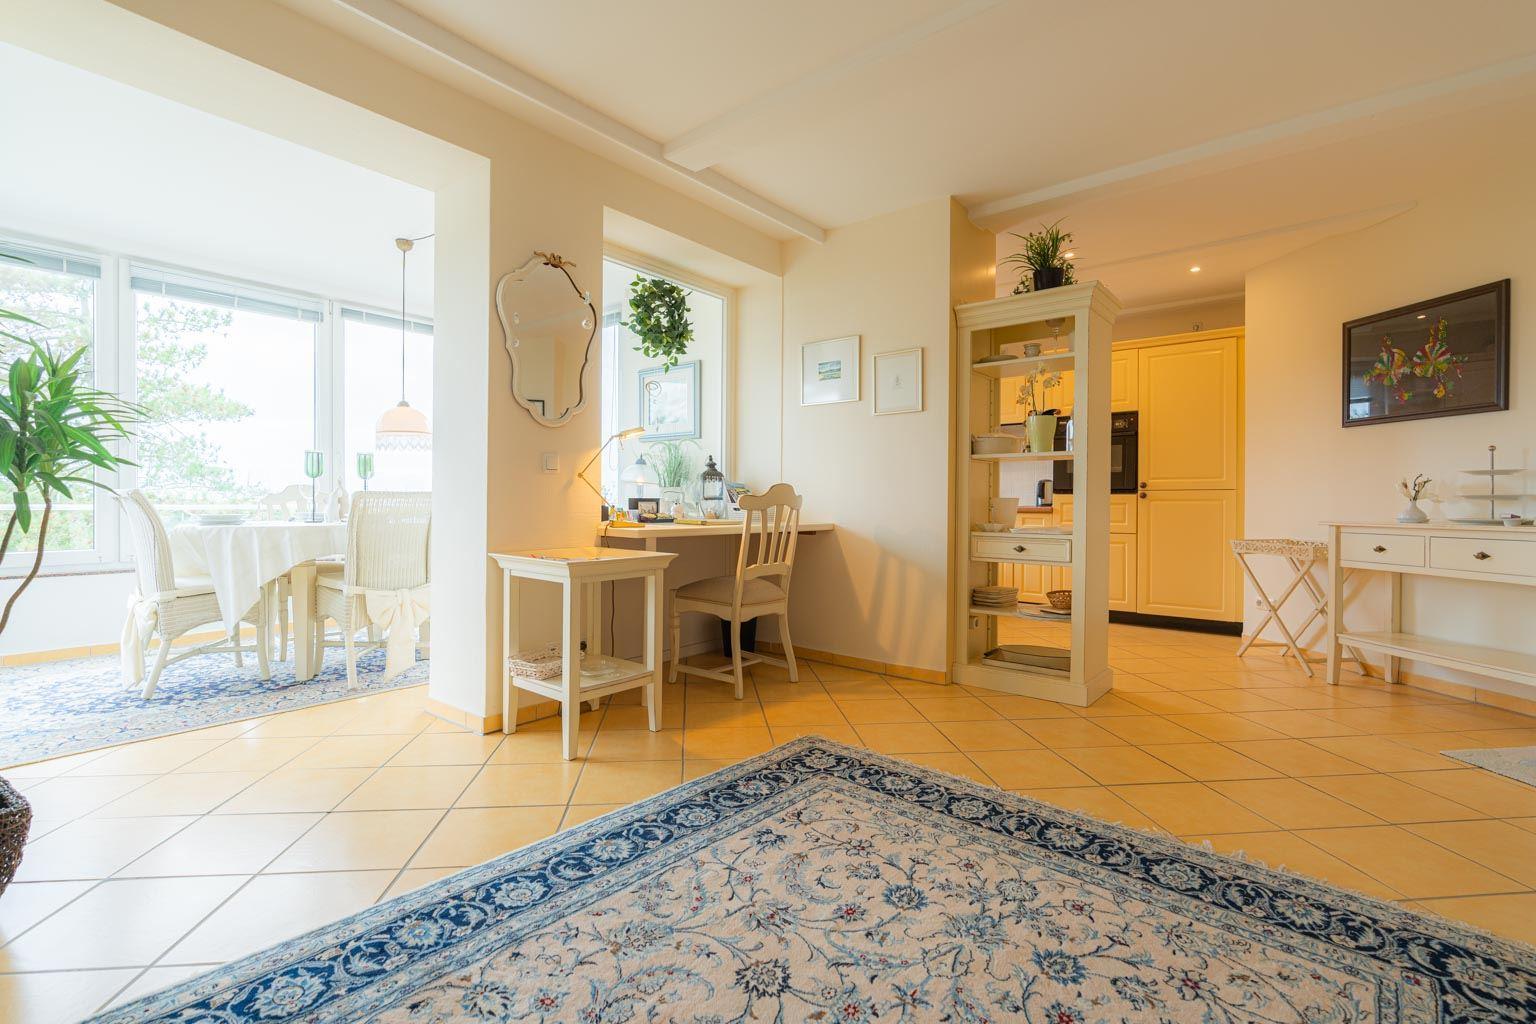 Wohnzimmer mit Schreibtisch-Ecke